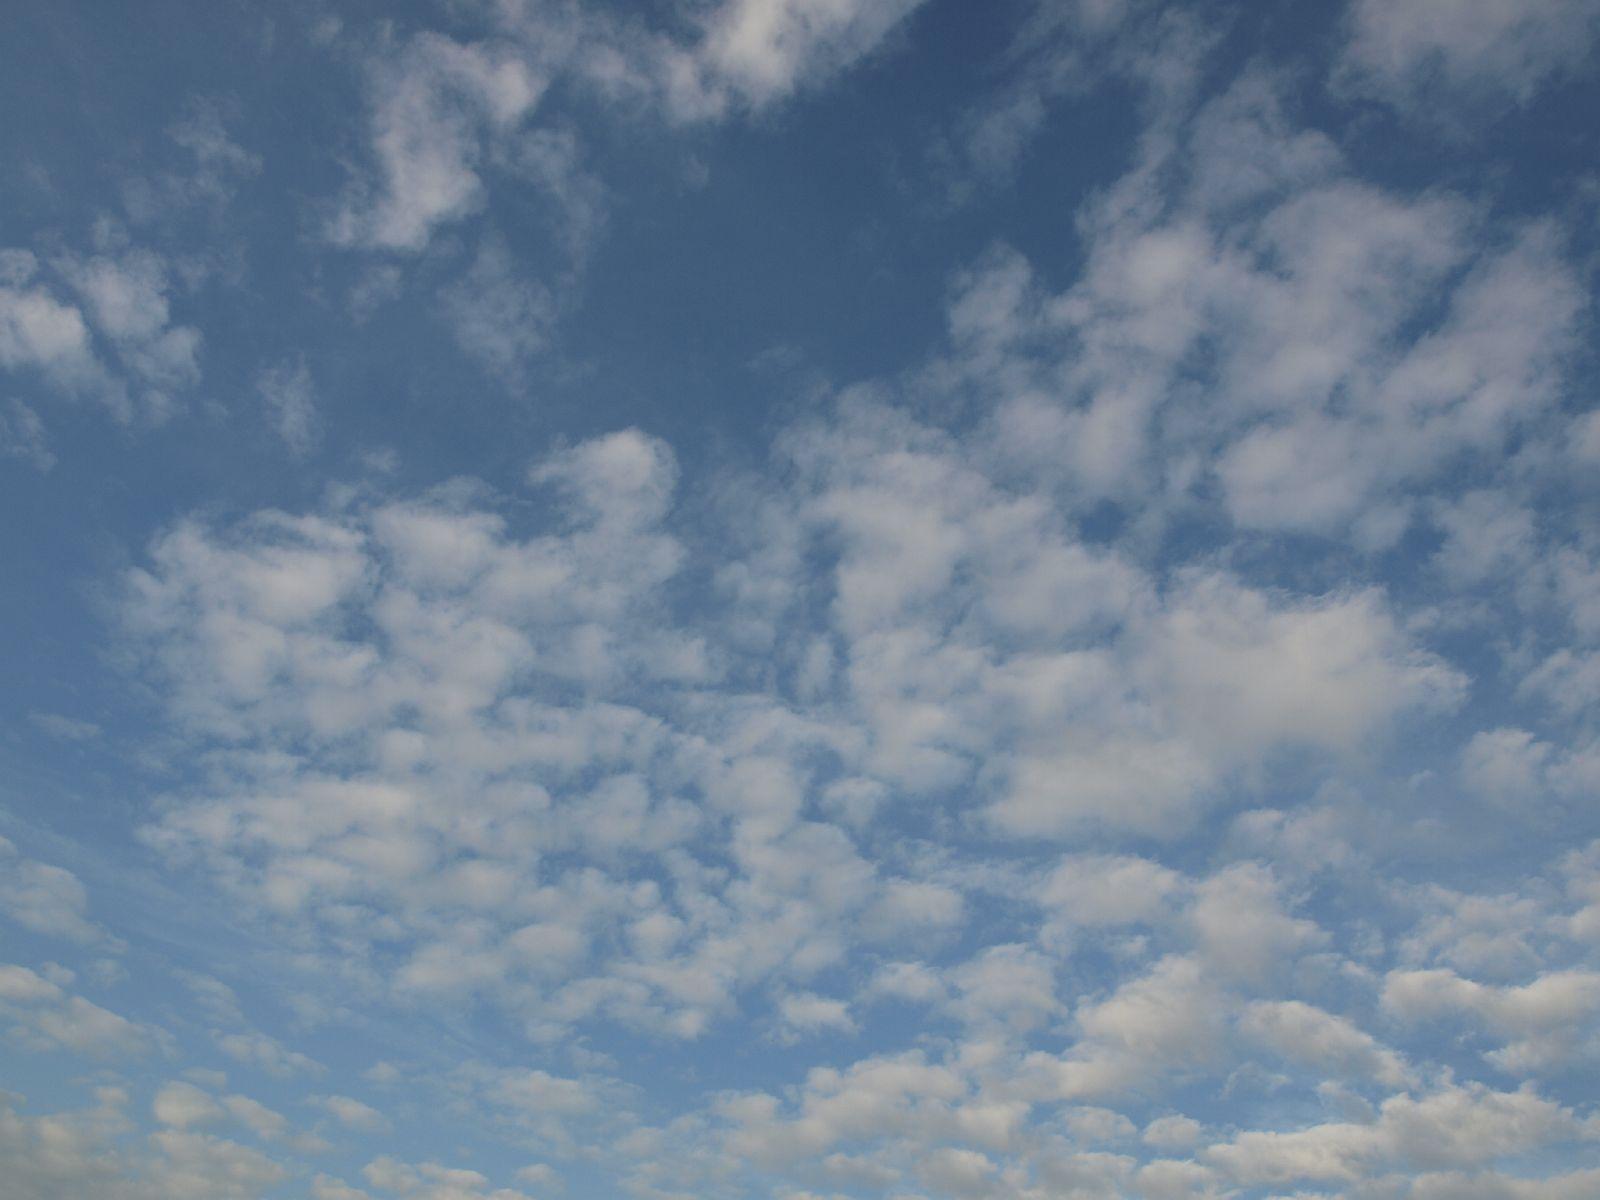 Himmel-Wolken-Foto_Textur_A_P9114790